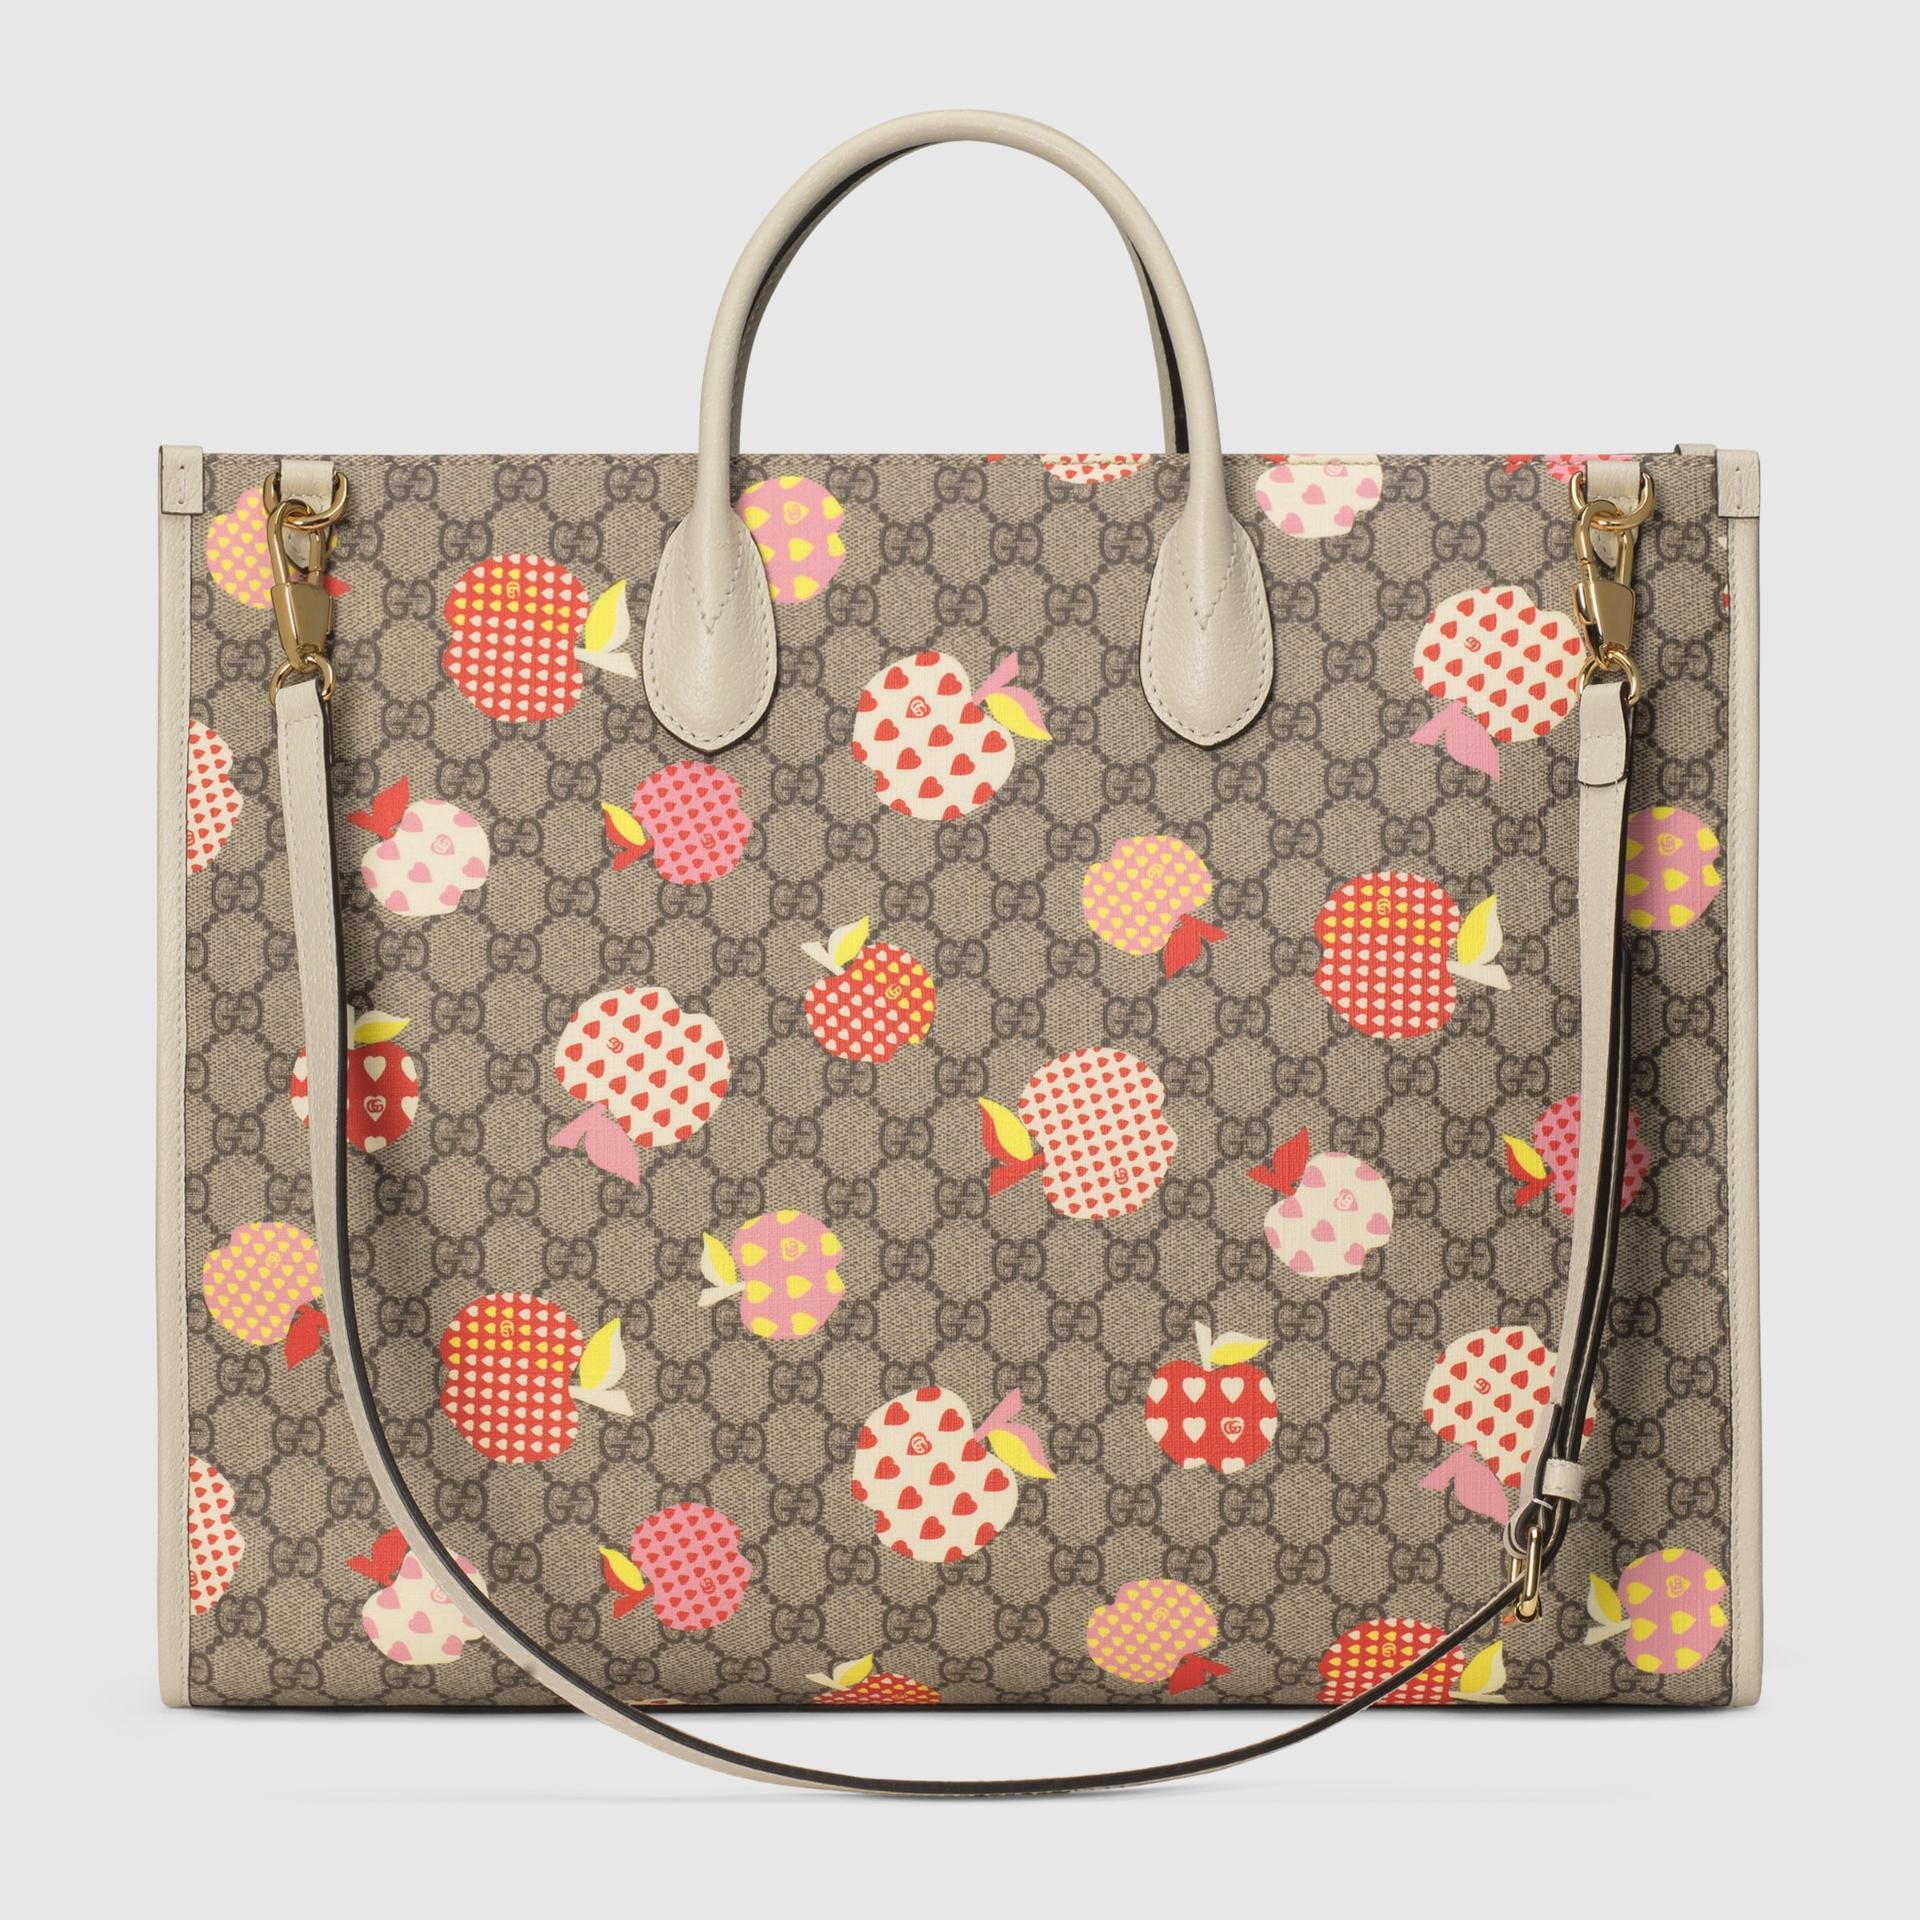 유럽직배송 구찌 GUCCI Gucci - Gucci Les Pommes large tote  65998022KFG9799